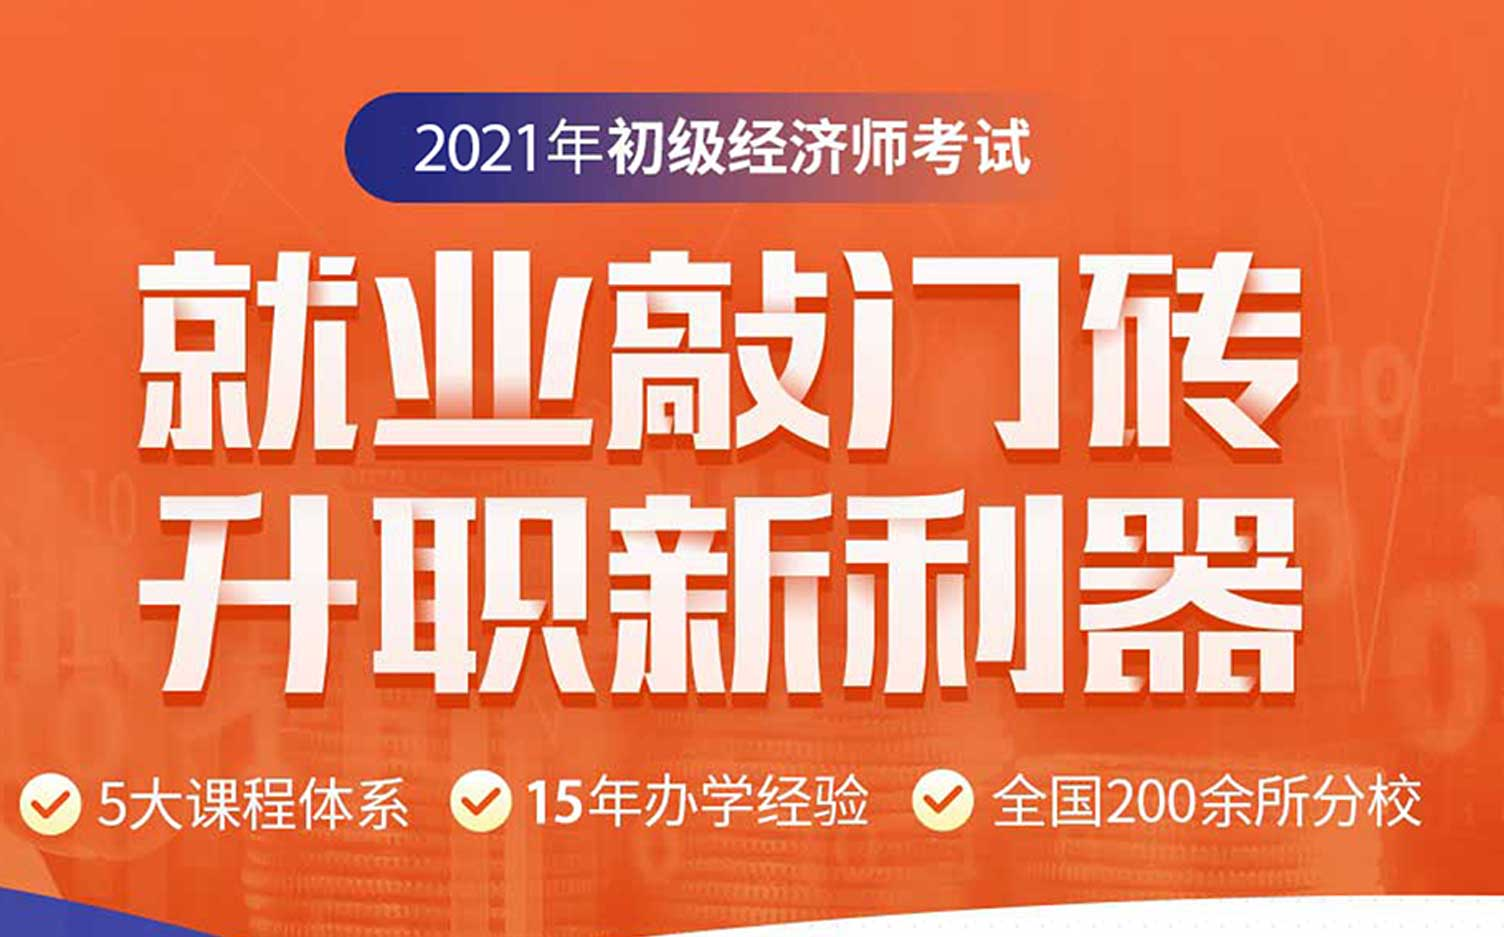 宜春2021初級經濟師培訓